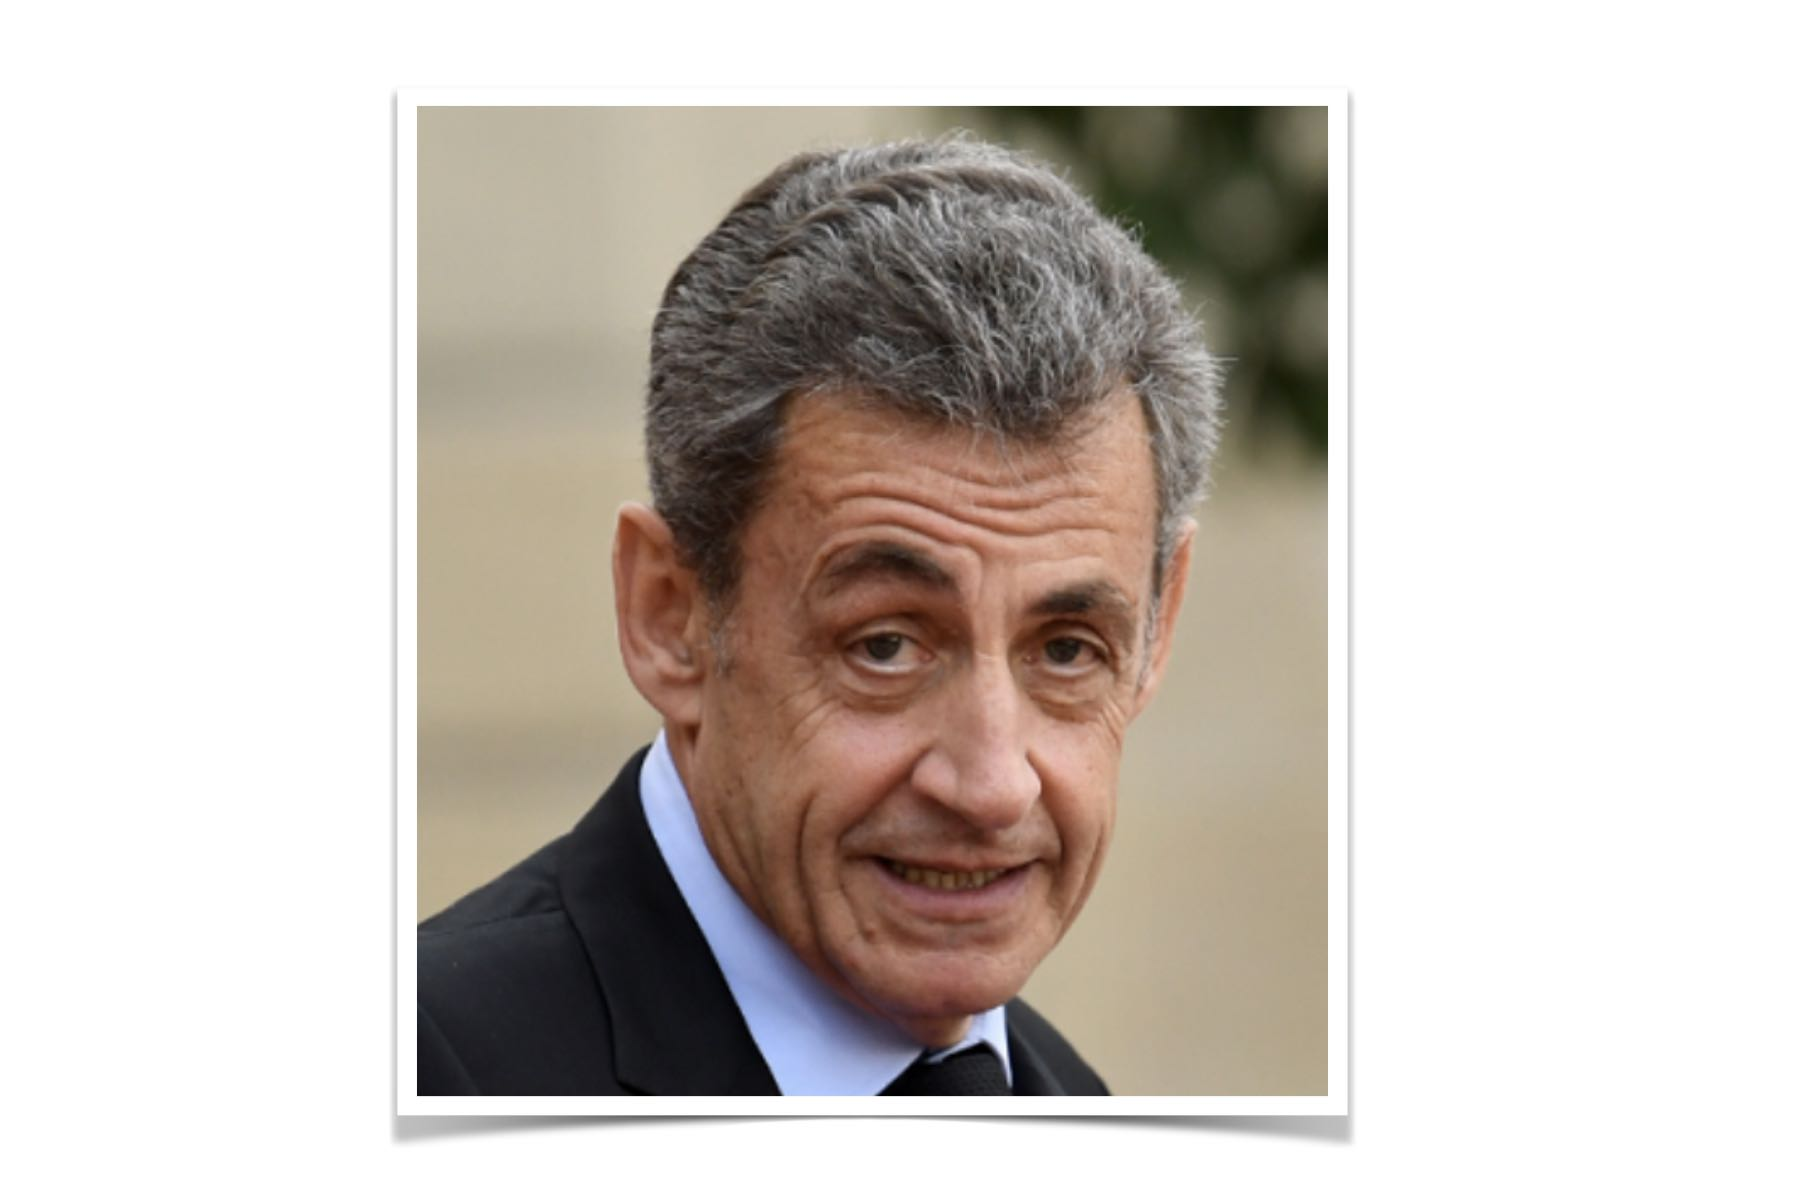 Sąd skazał byłego prezydenta Sarkozy'ego na 3 lata więzienia